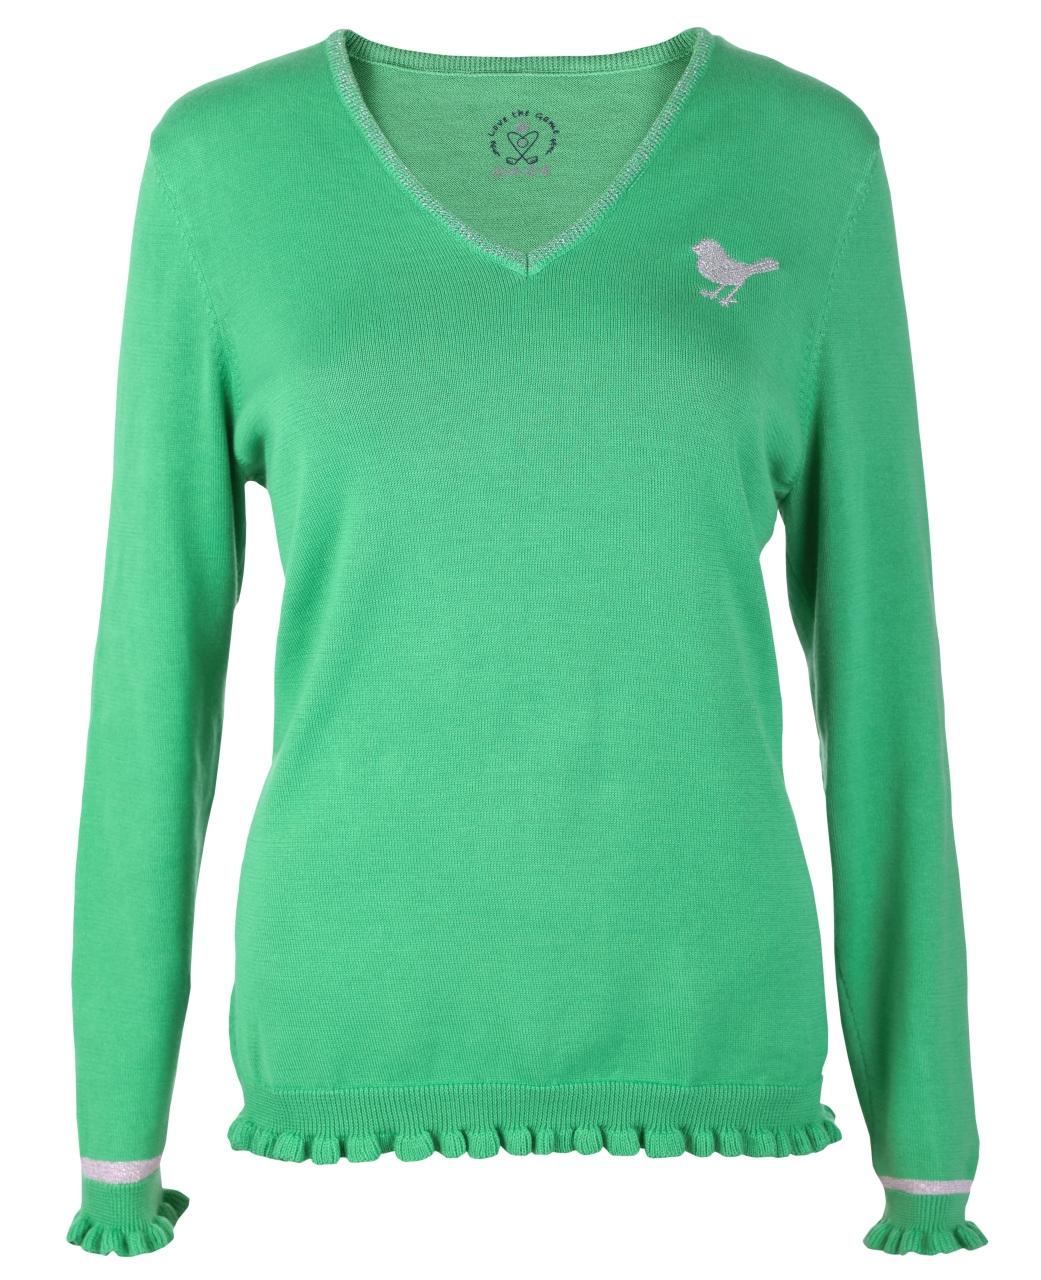 girls golf Damen V-neck ruffle knitted sweater basic RUFFLE 14932 grün